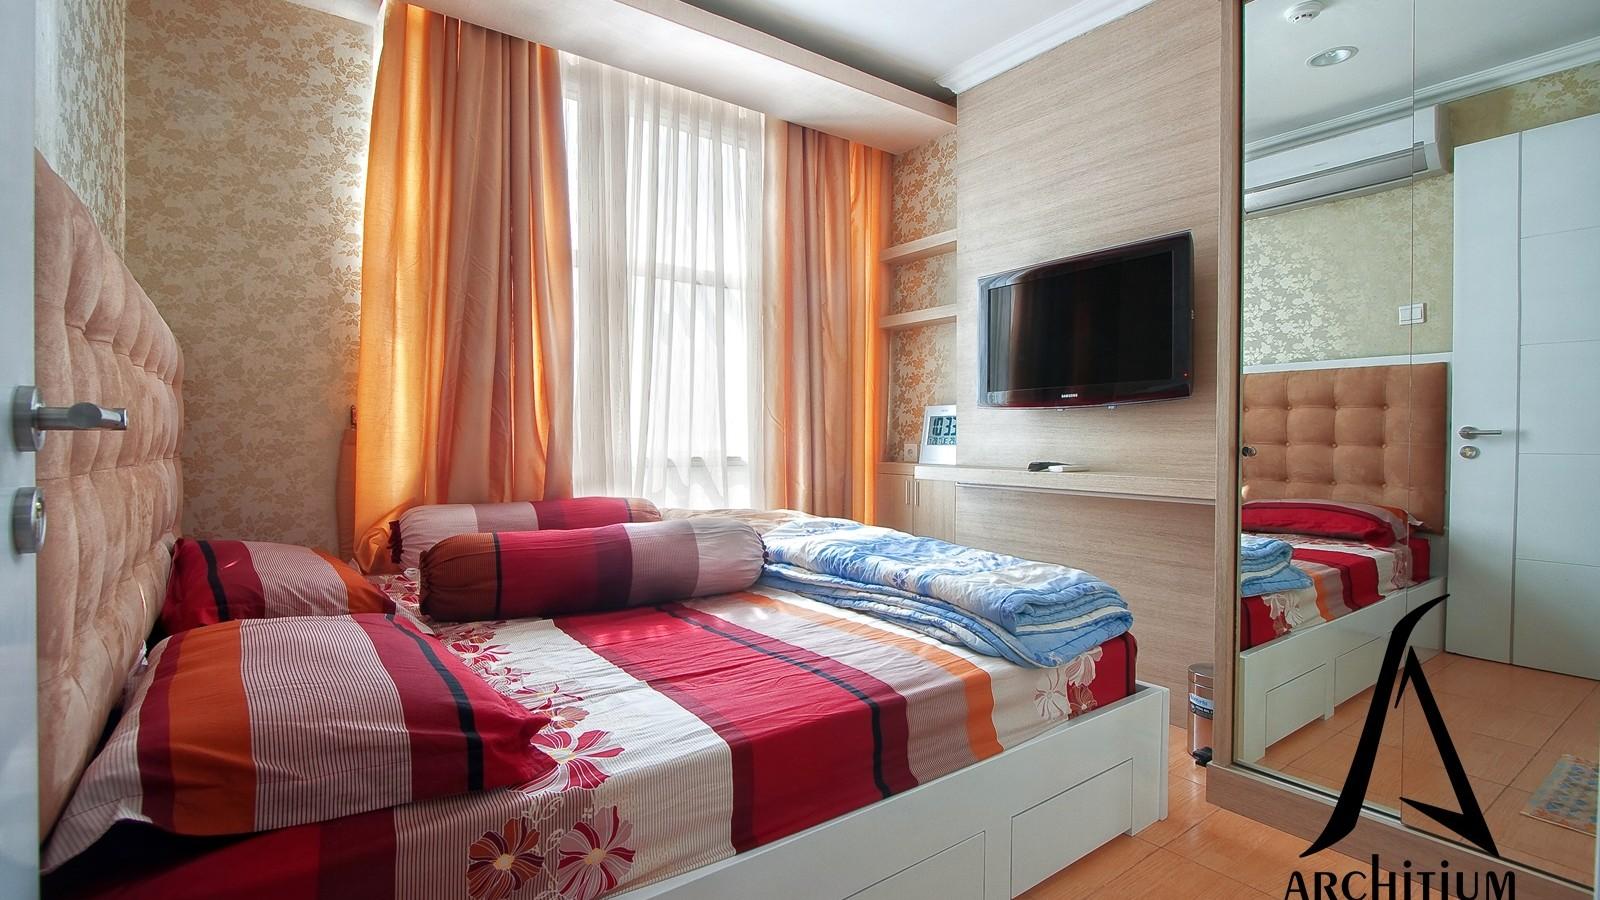 Apartment Interior Design Jakarta apartment – architium